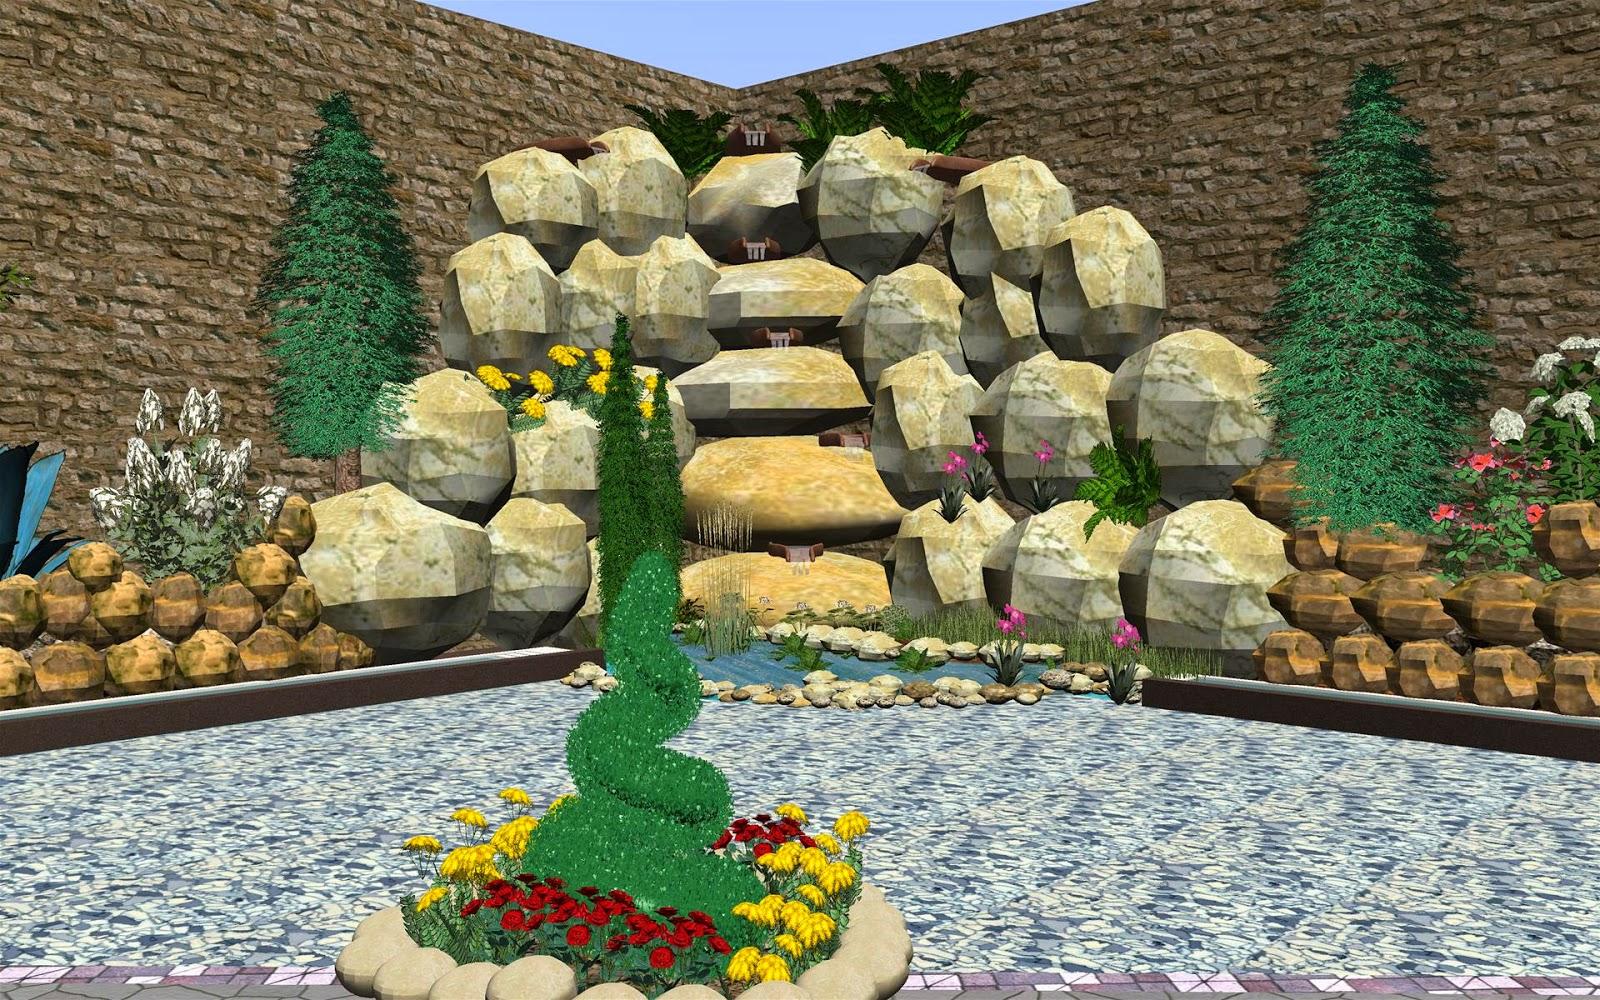 diseo de jardines d realizados por fernando lejarriaga martnez con copyright slo queda autorizada su